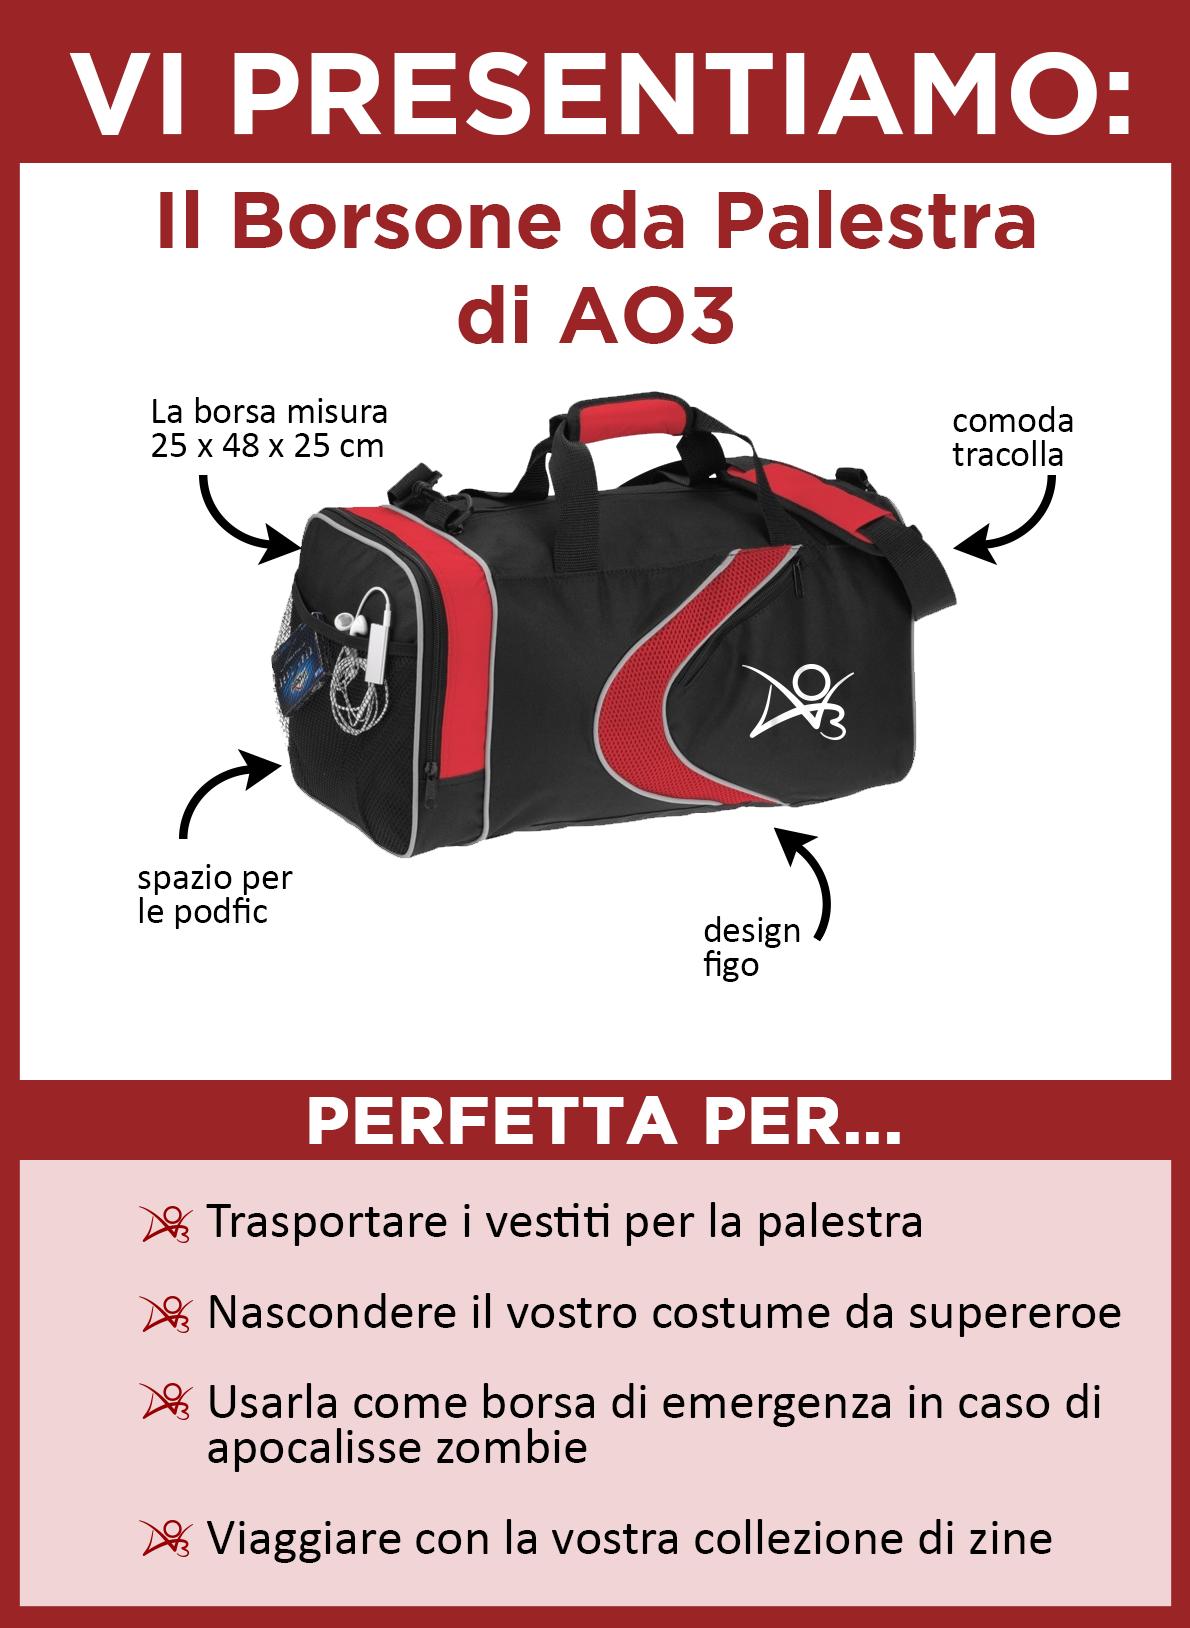 Ecco a voi la sacca da viaggio di AO3! La borsa è di colore nero con particolari in rosso, con un'onda rossa e un logo di AO3 in bianco sul fianco. Misura 25x48x25 centimetri. Ha una comoda tracolla da spalla e una tasca laterale ideale per conservare le podfic. È perfetta per trasportare articoli per la palestra, conservare il tuo costume da supereroe, immagazzinare le riserve necessarie per sopravvivere a un'apocalisse zombie o come compagna di viaggio per la tua collezione di zine.